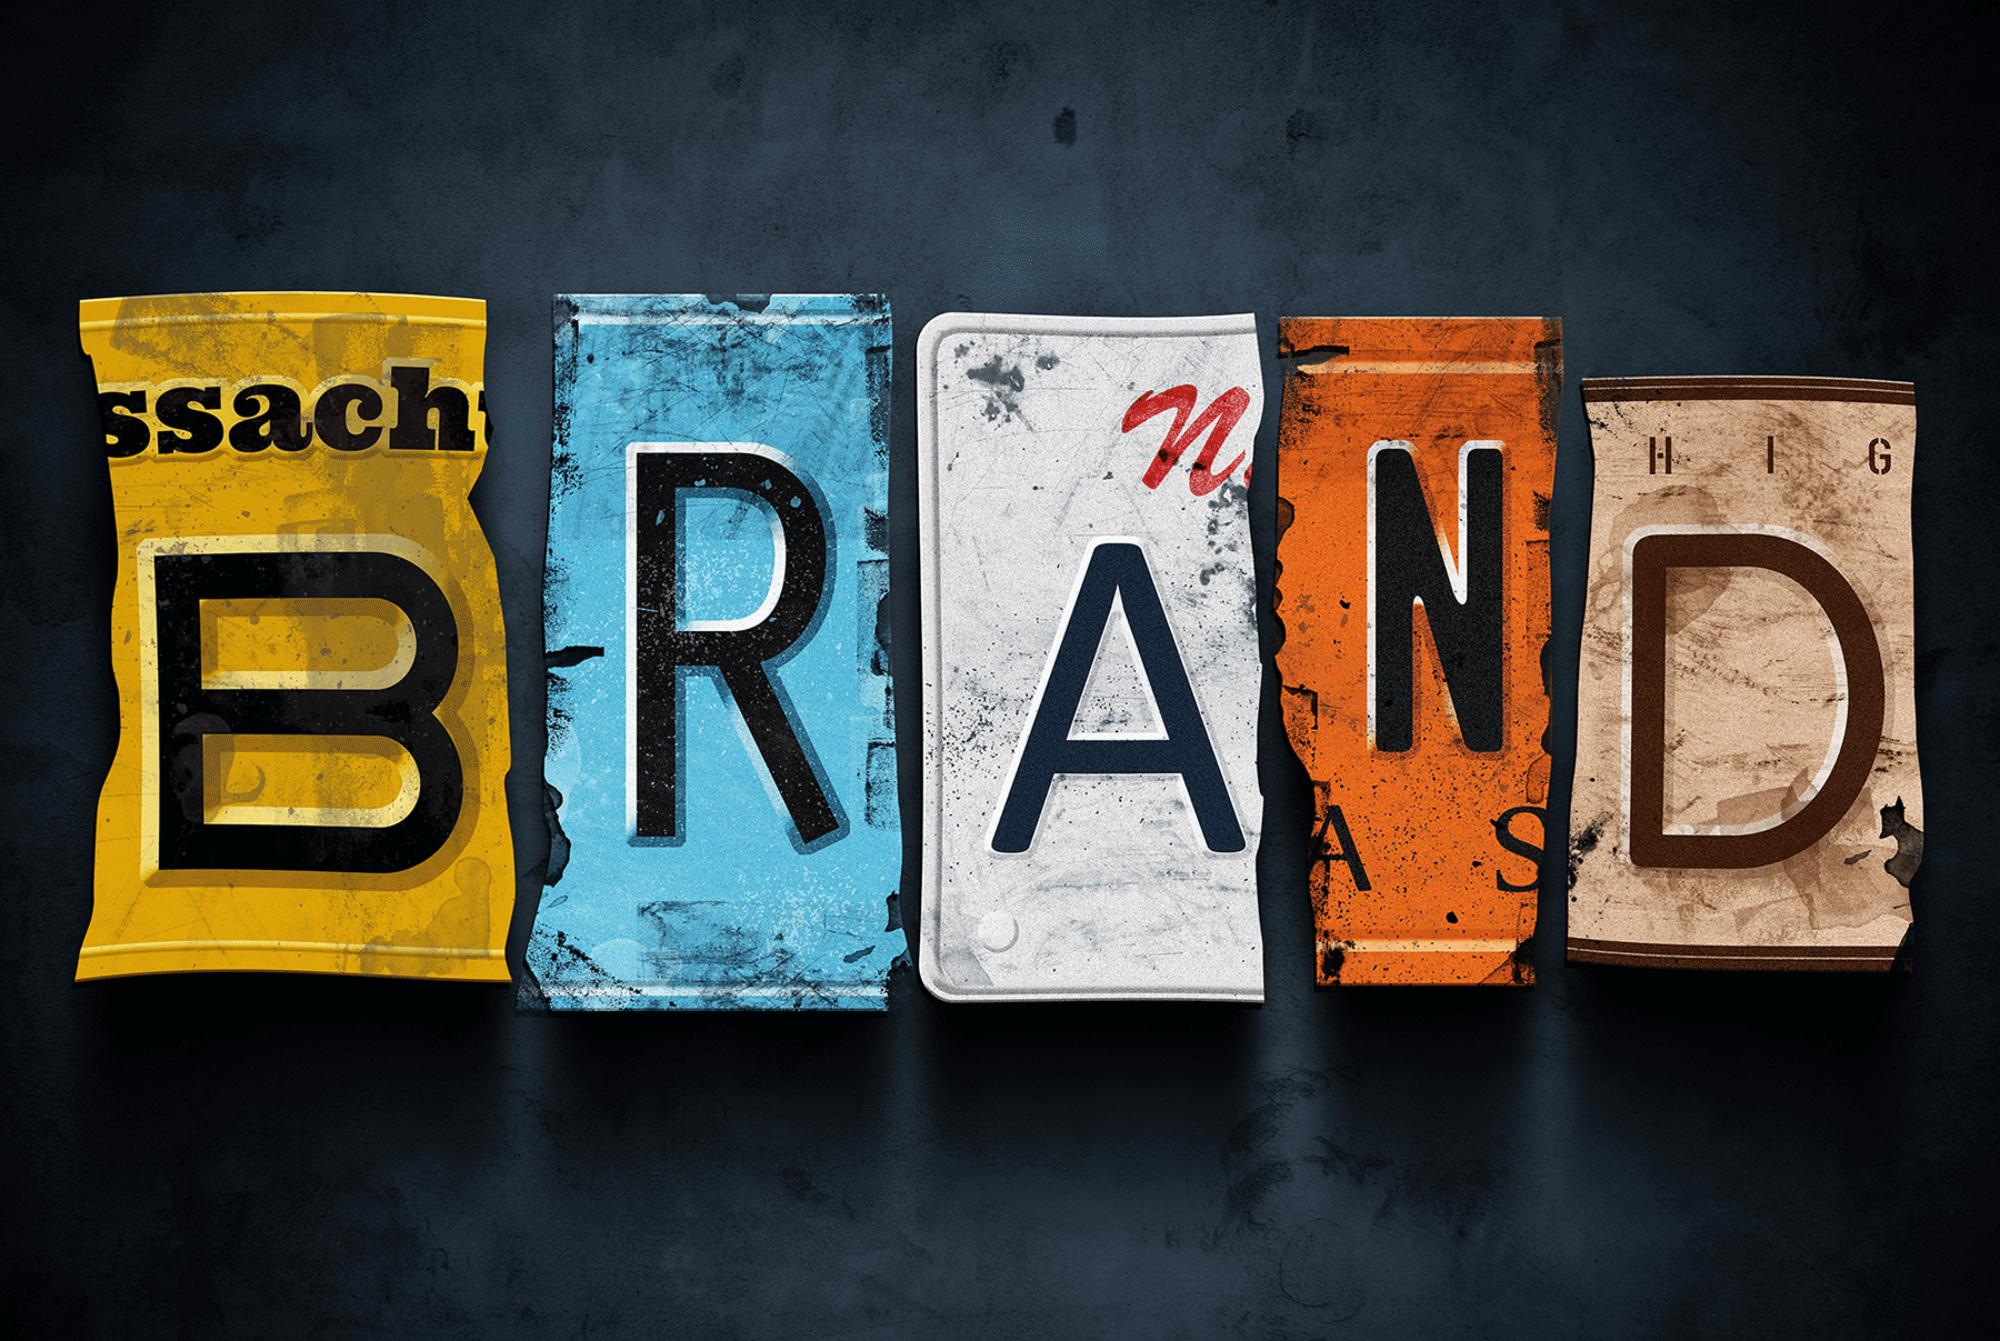 Brand Marketing doanh nghiệp những điều bạn cần biết - Kiến thức SEO A -Z